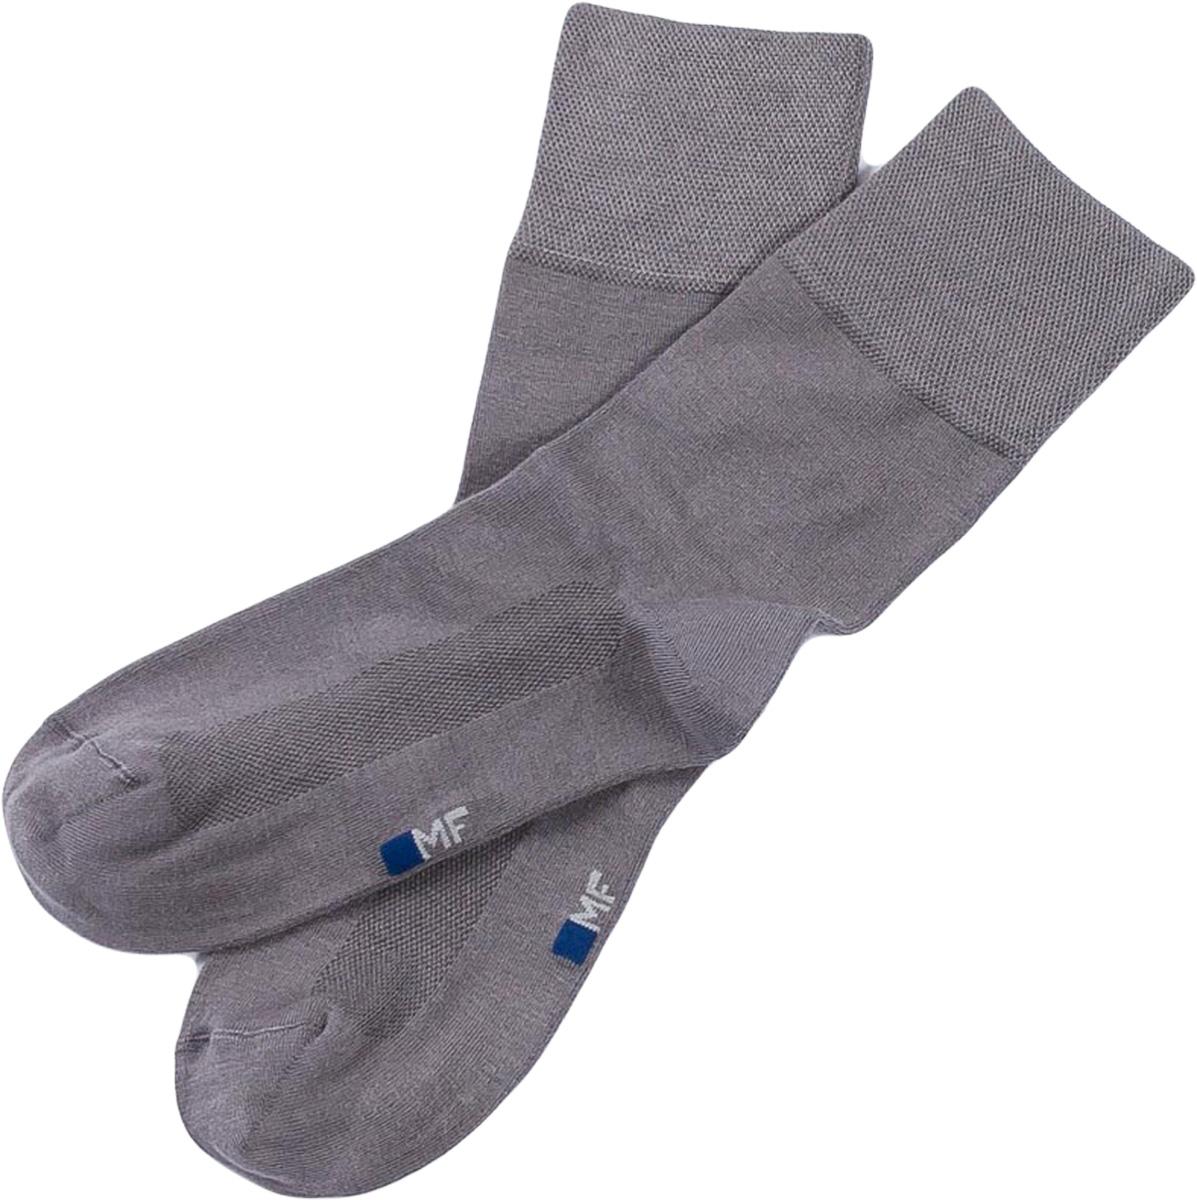 Носки мужские Mark Formelle, цвет: серый. 055K-131. Размер 42/43055K-131Удобные носки от Mark Formelle с охлаждающим эффектом Cooling Effect, изготовленные из высококачественного бамбукового материала с добавлением полиамида и эластана, очень мягкие и приятные на ощупь, позволяют коже дышать. Эластичная резинка плотно облегает ногу, не сдавливая ее, обеспечивая комфорт и удобство.